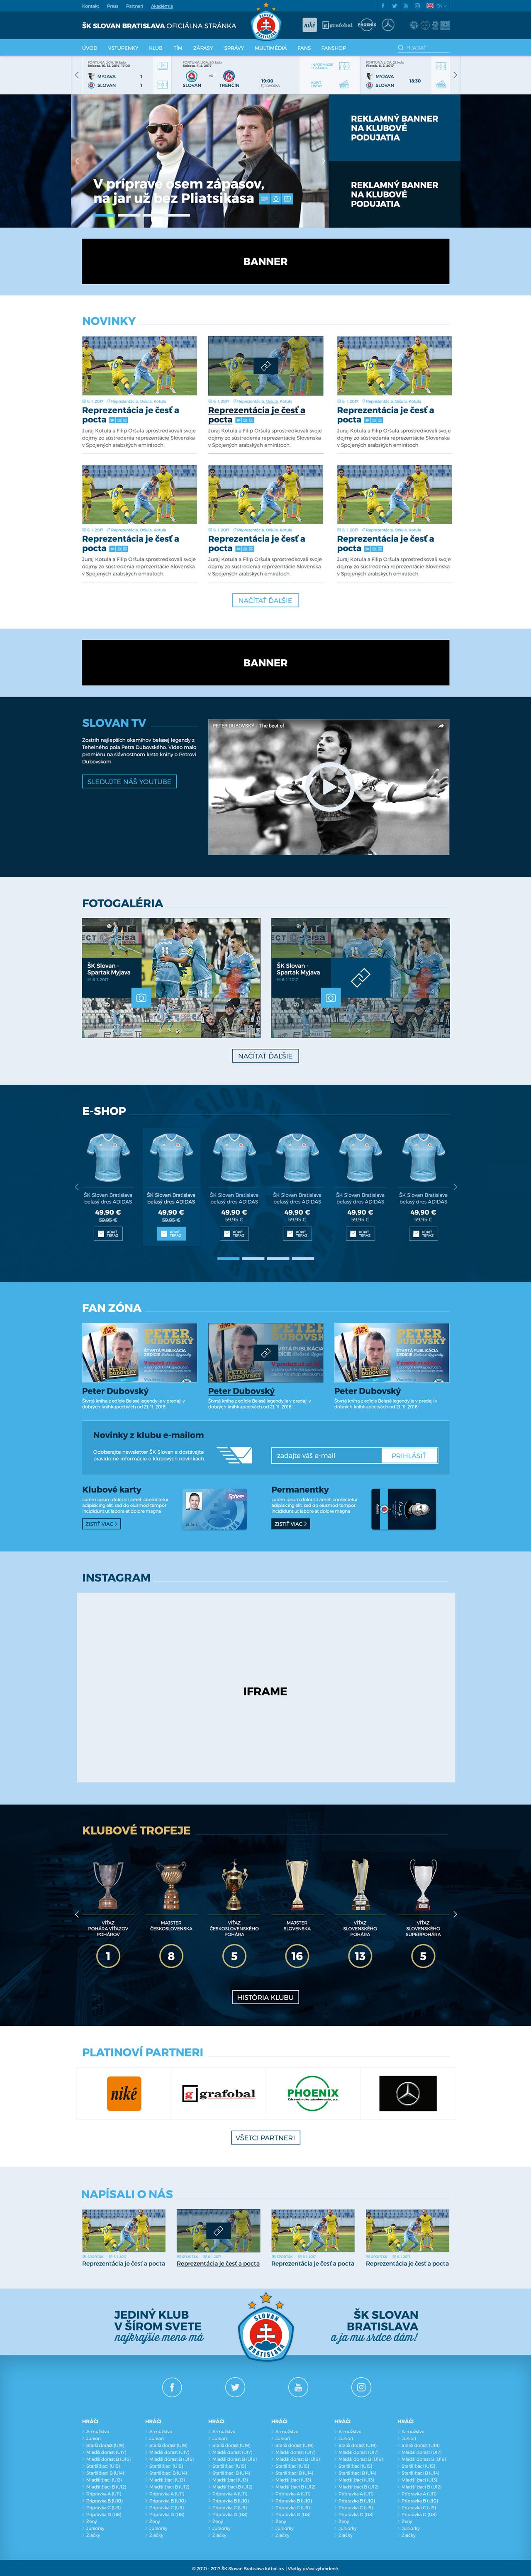 SKSLOVAN.comSKSLOVAN.com - homepage